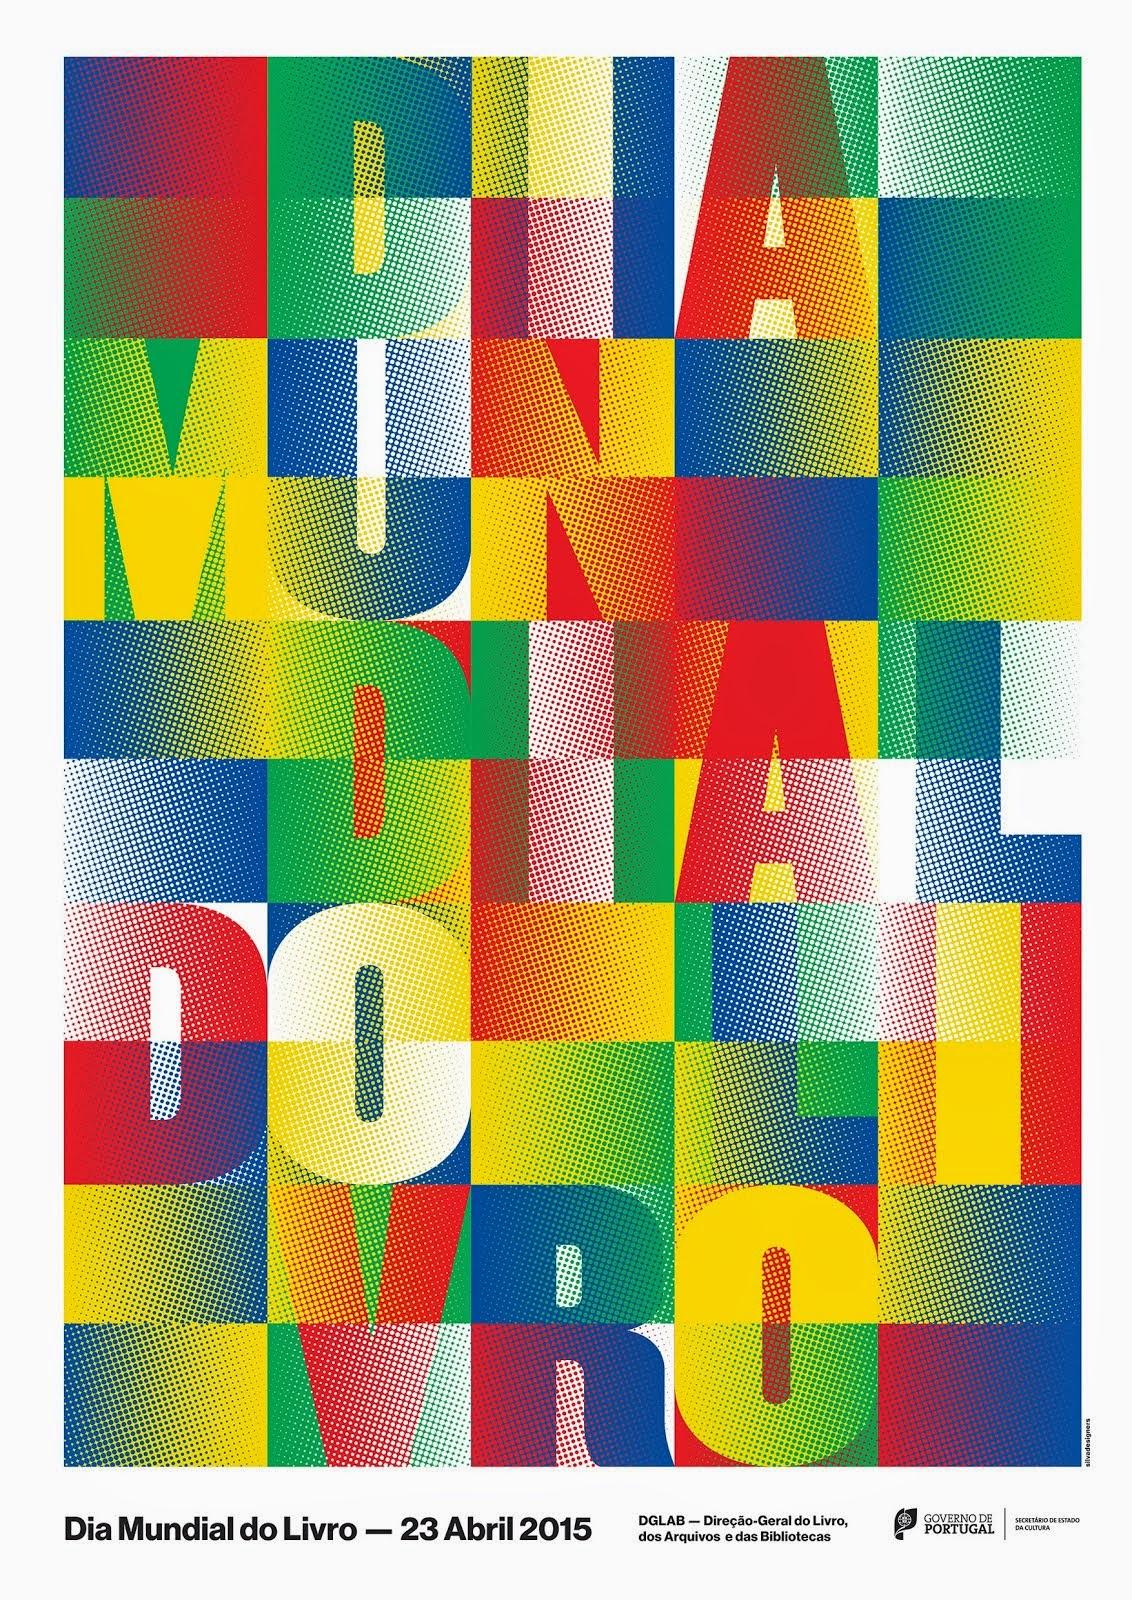 DIA MUNDIAL DO LIVRO 2015